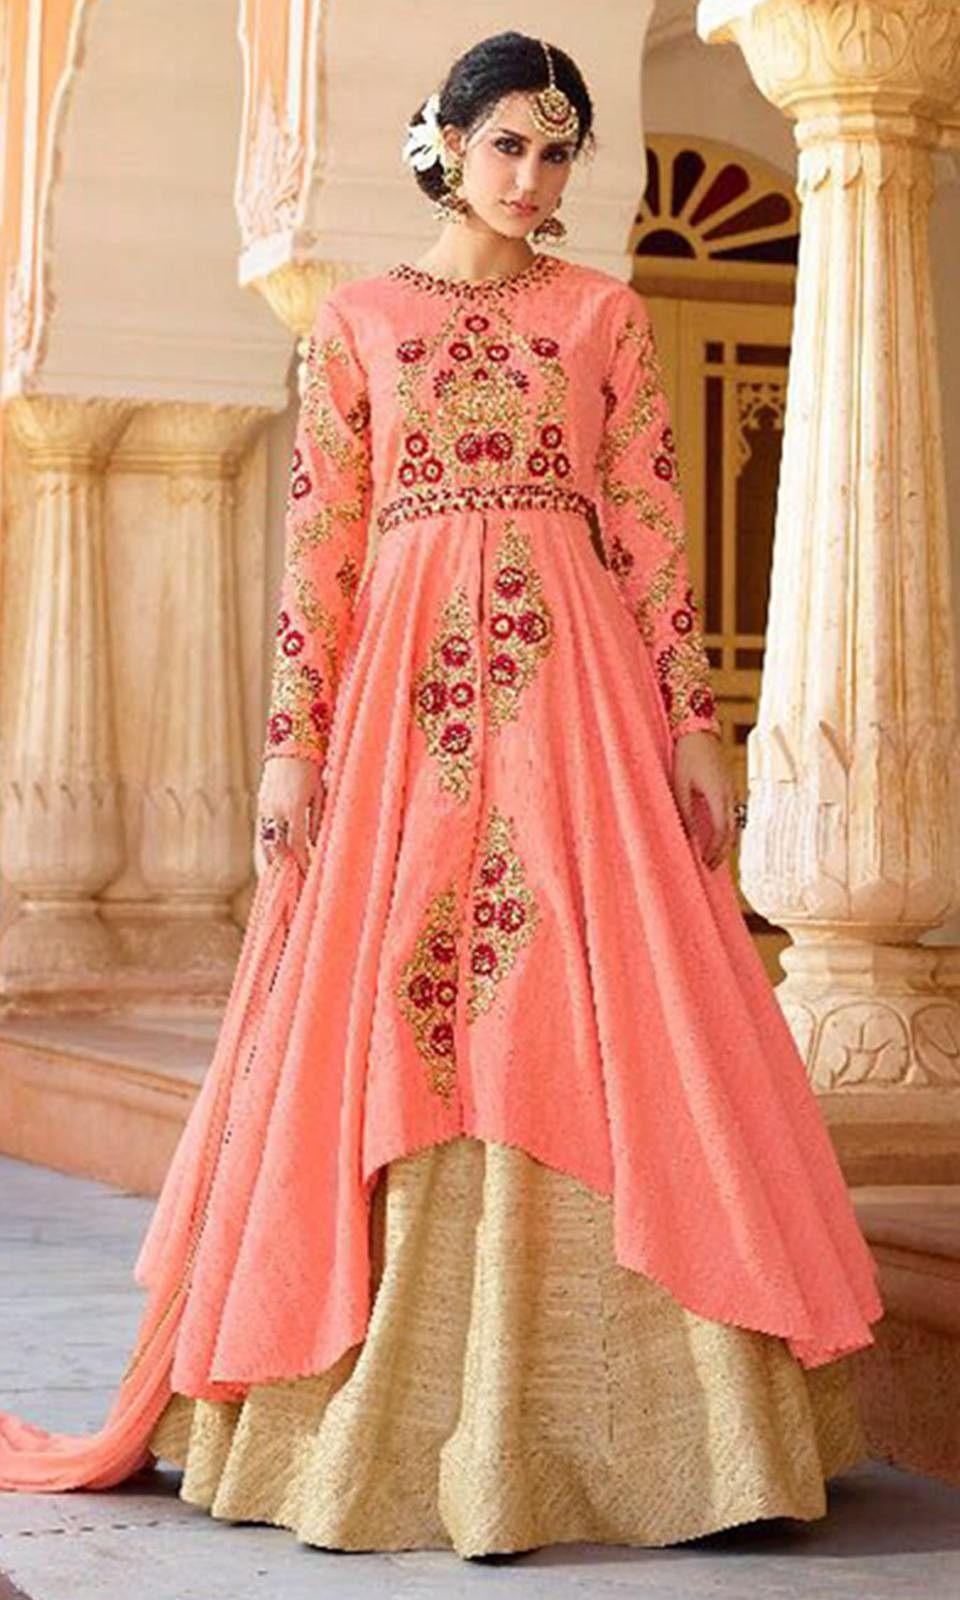 b5042c1242 Buy online Pink and Golden Floor Length Anarkali Suit (SKU Code    SUELEO11604) at Ishimaya Fashion.